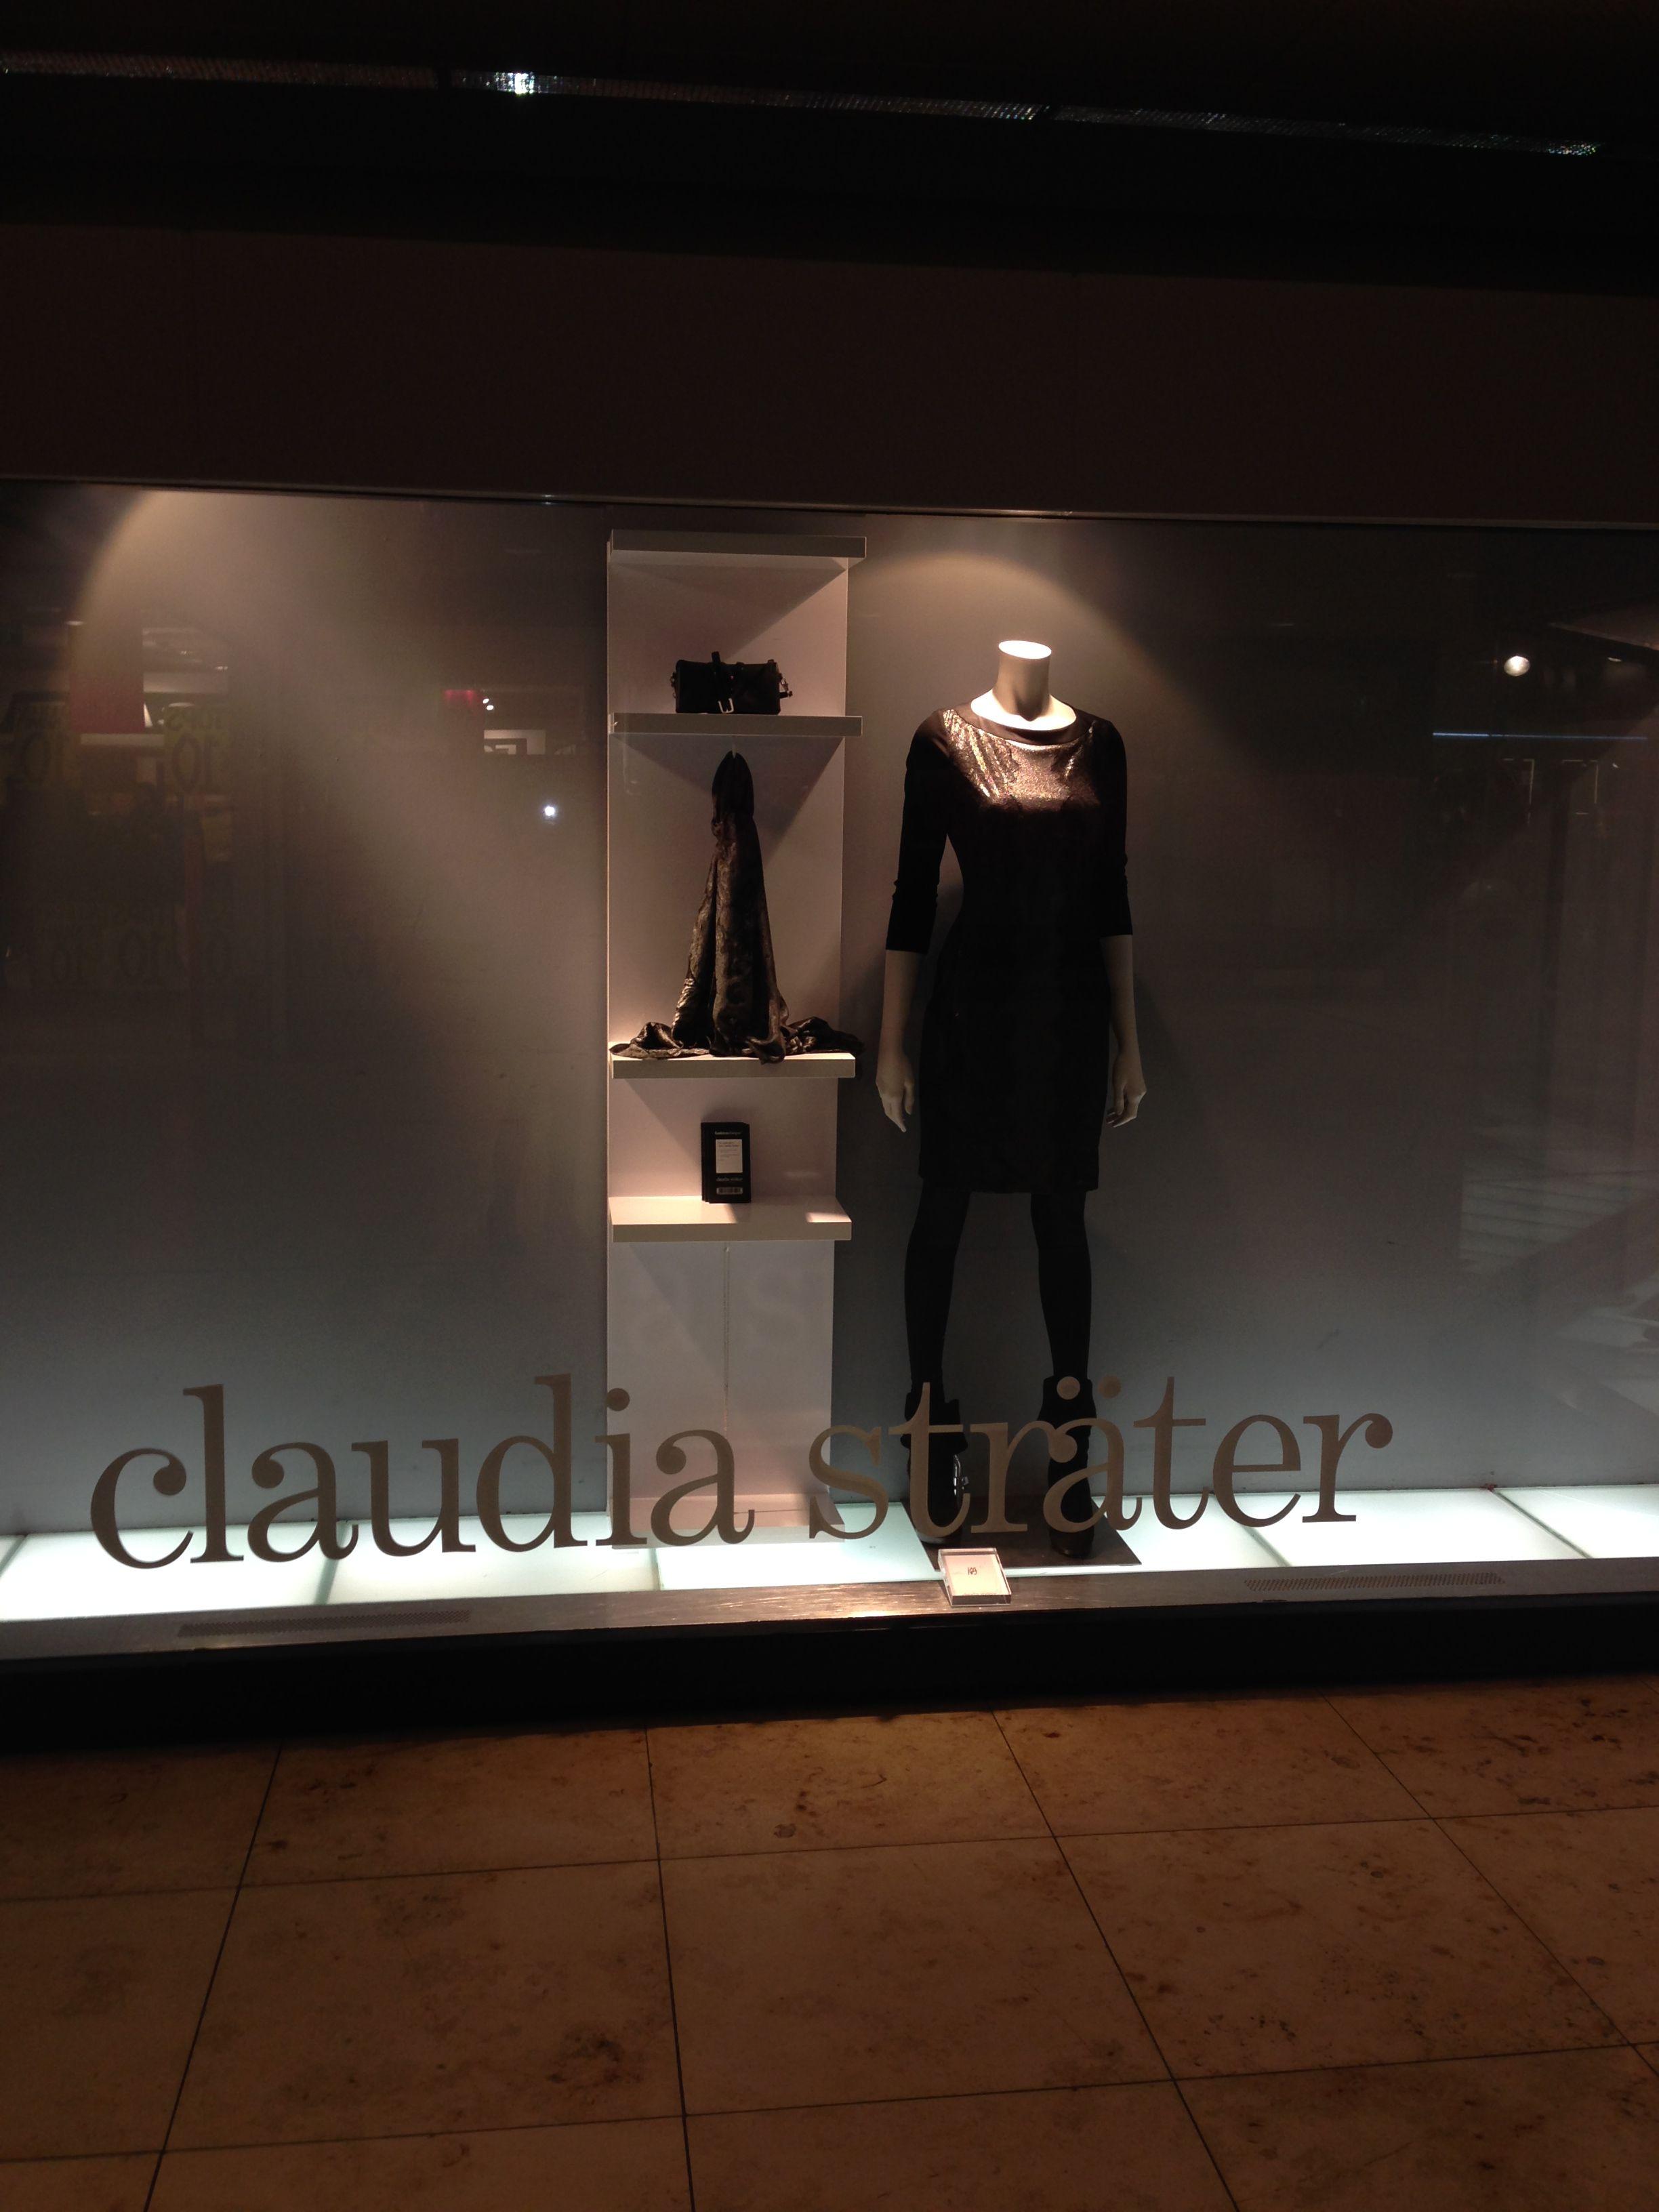 Etalage van Claudia Sträter. Het is een sterke productpresentatie, het ziet er luxe en verzorgd uit en deze reclame sluit mooi aan bij de stijl van de winkel .